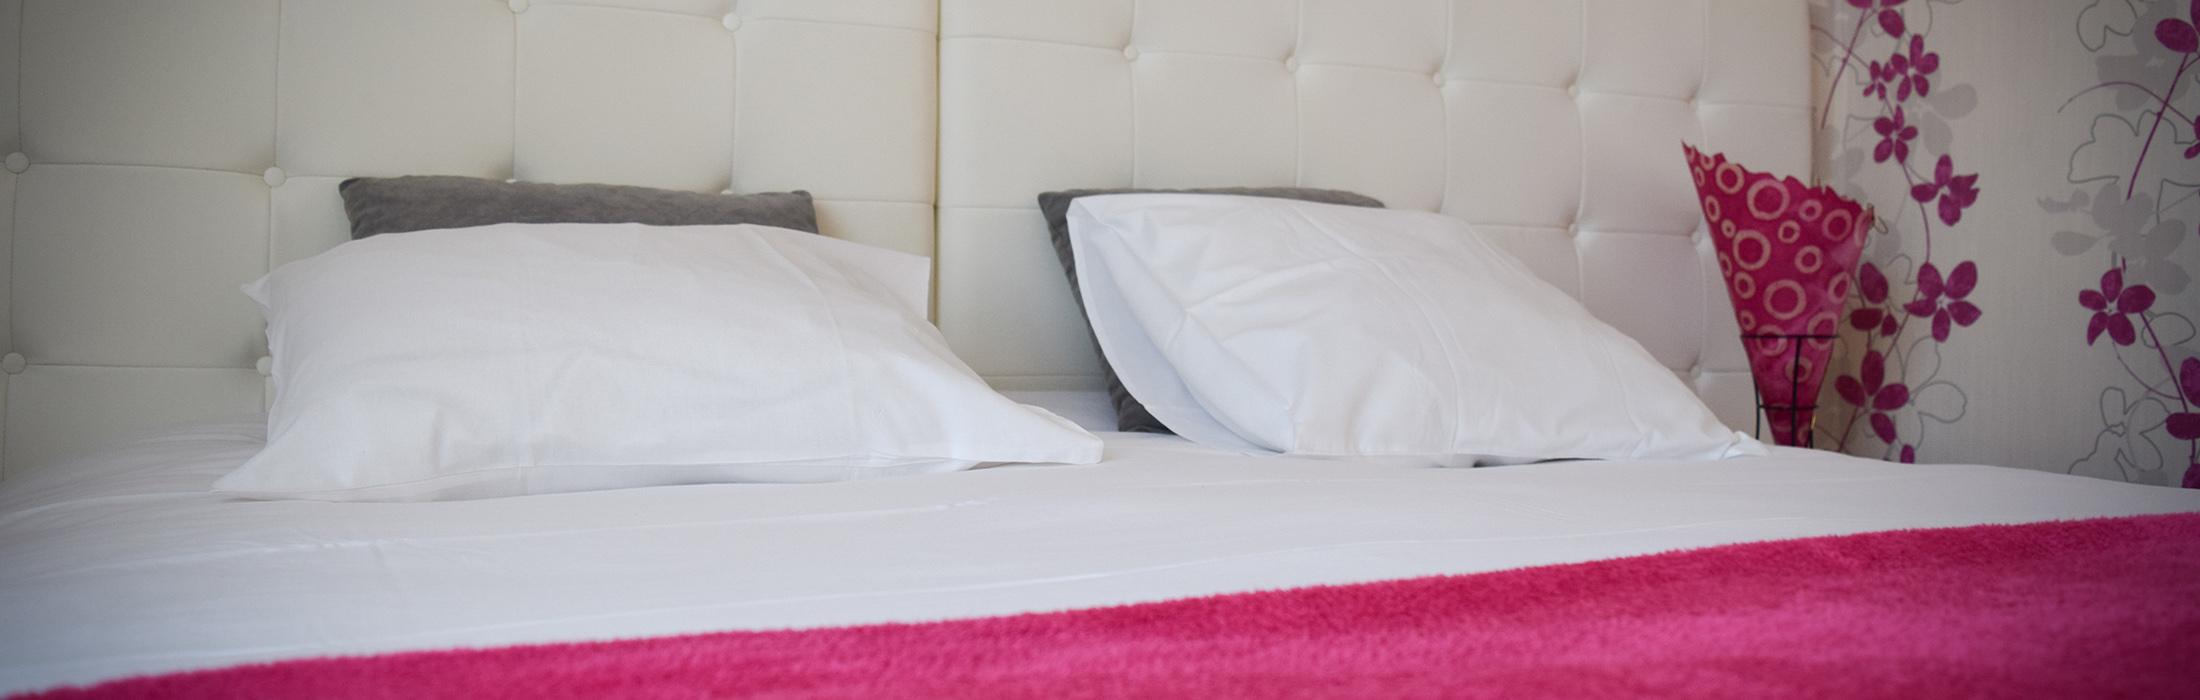 Consultez le tableau des disponibilités des hôtels et chambres d'hôtes du Pays de Vire       1